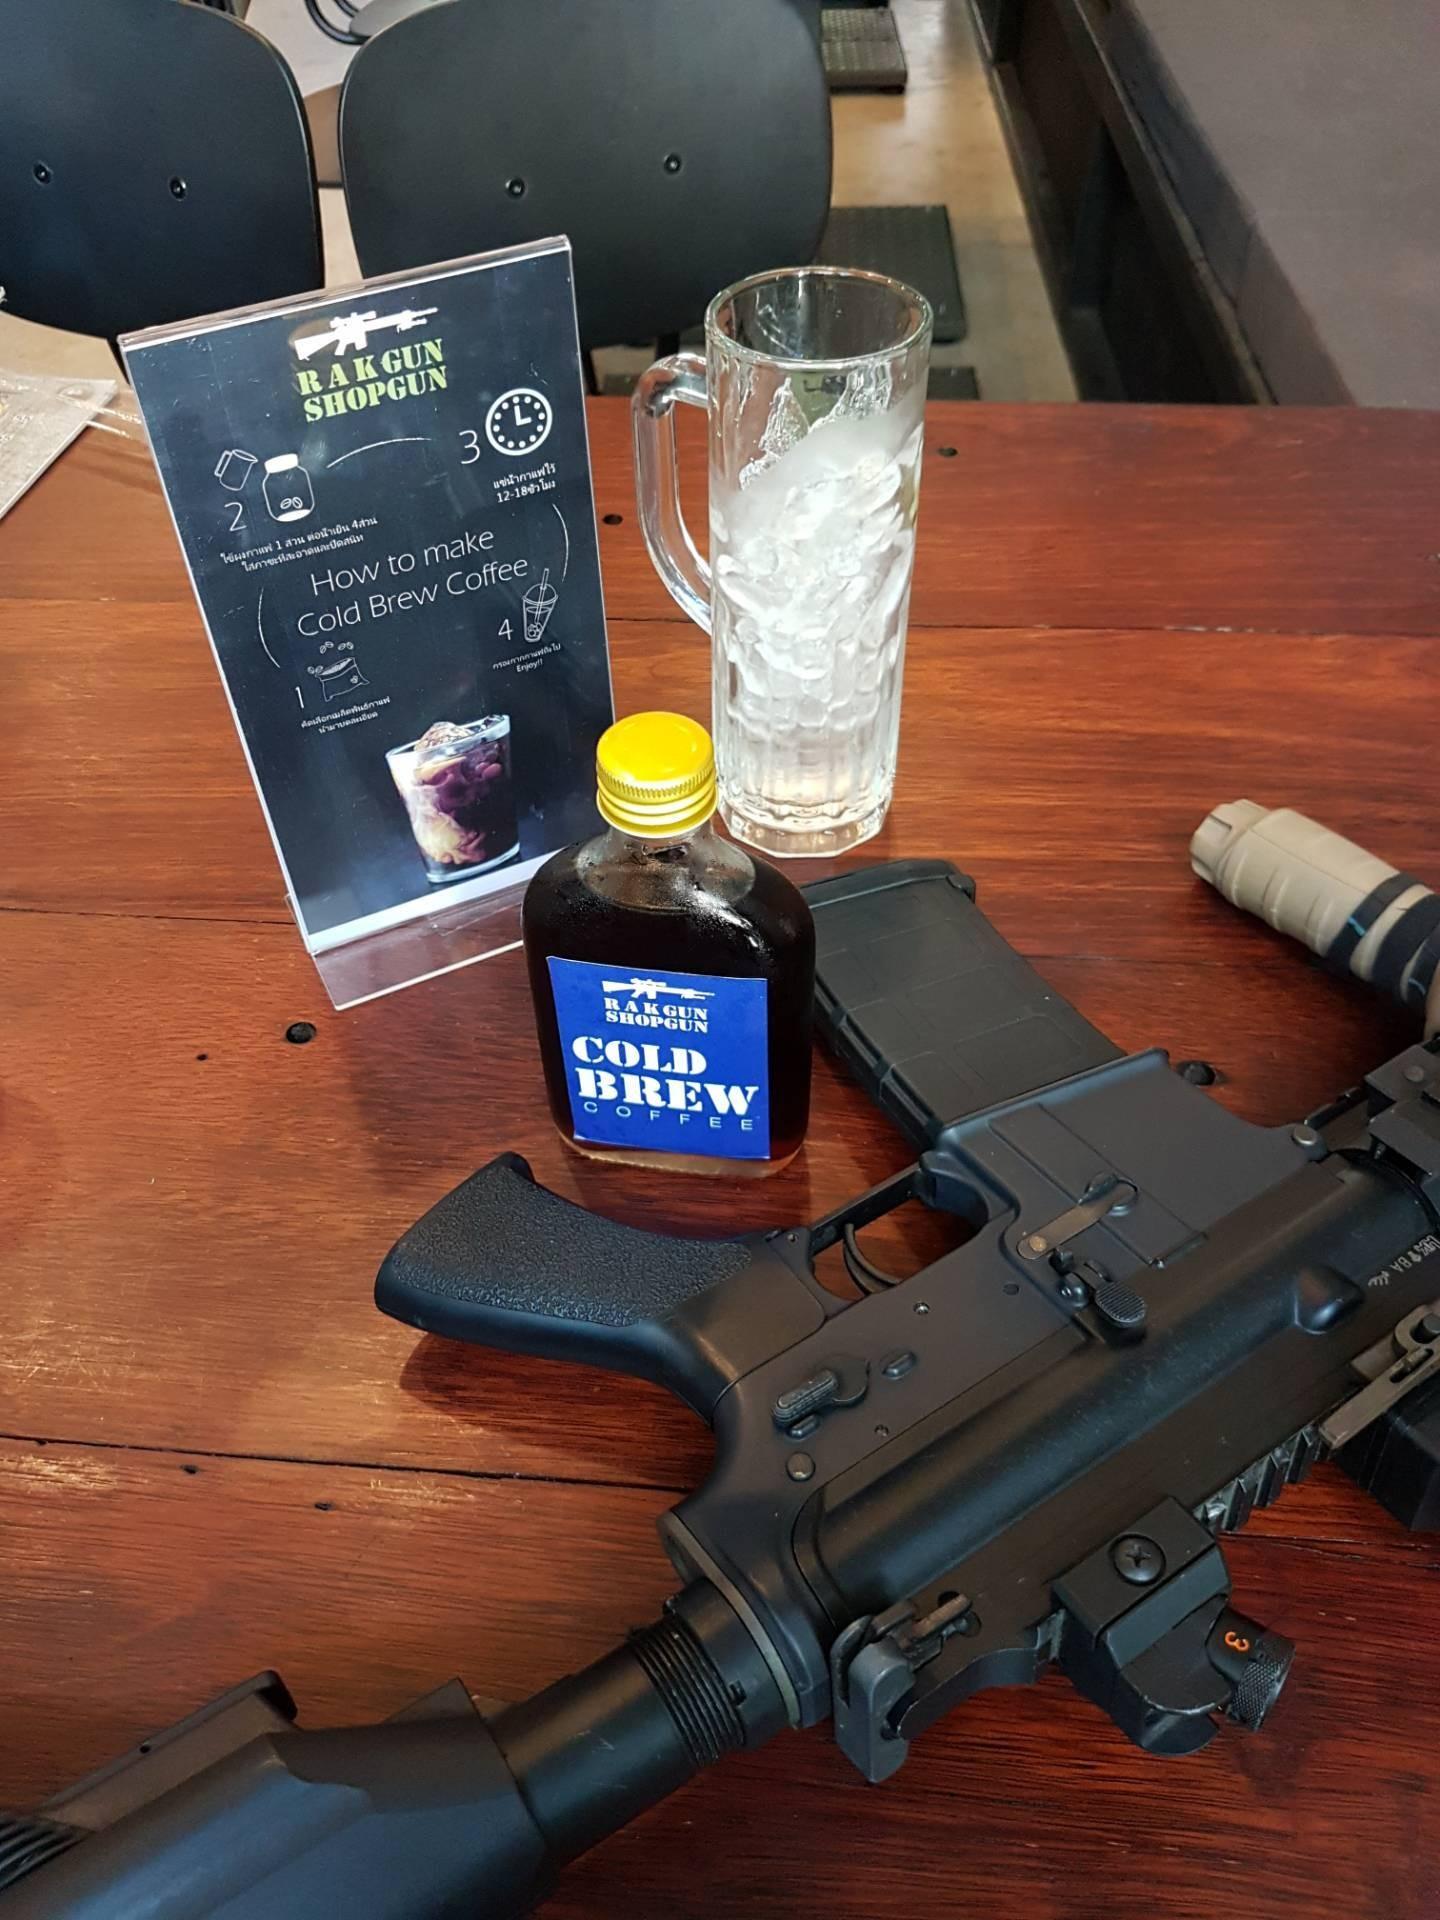 Rak Gun Shop Gun